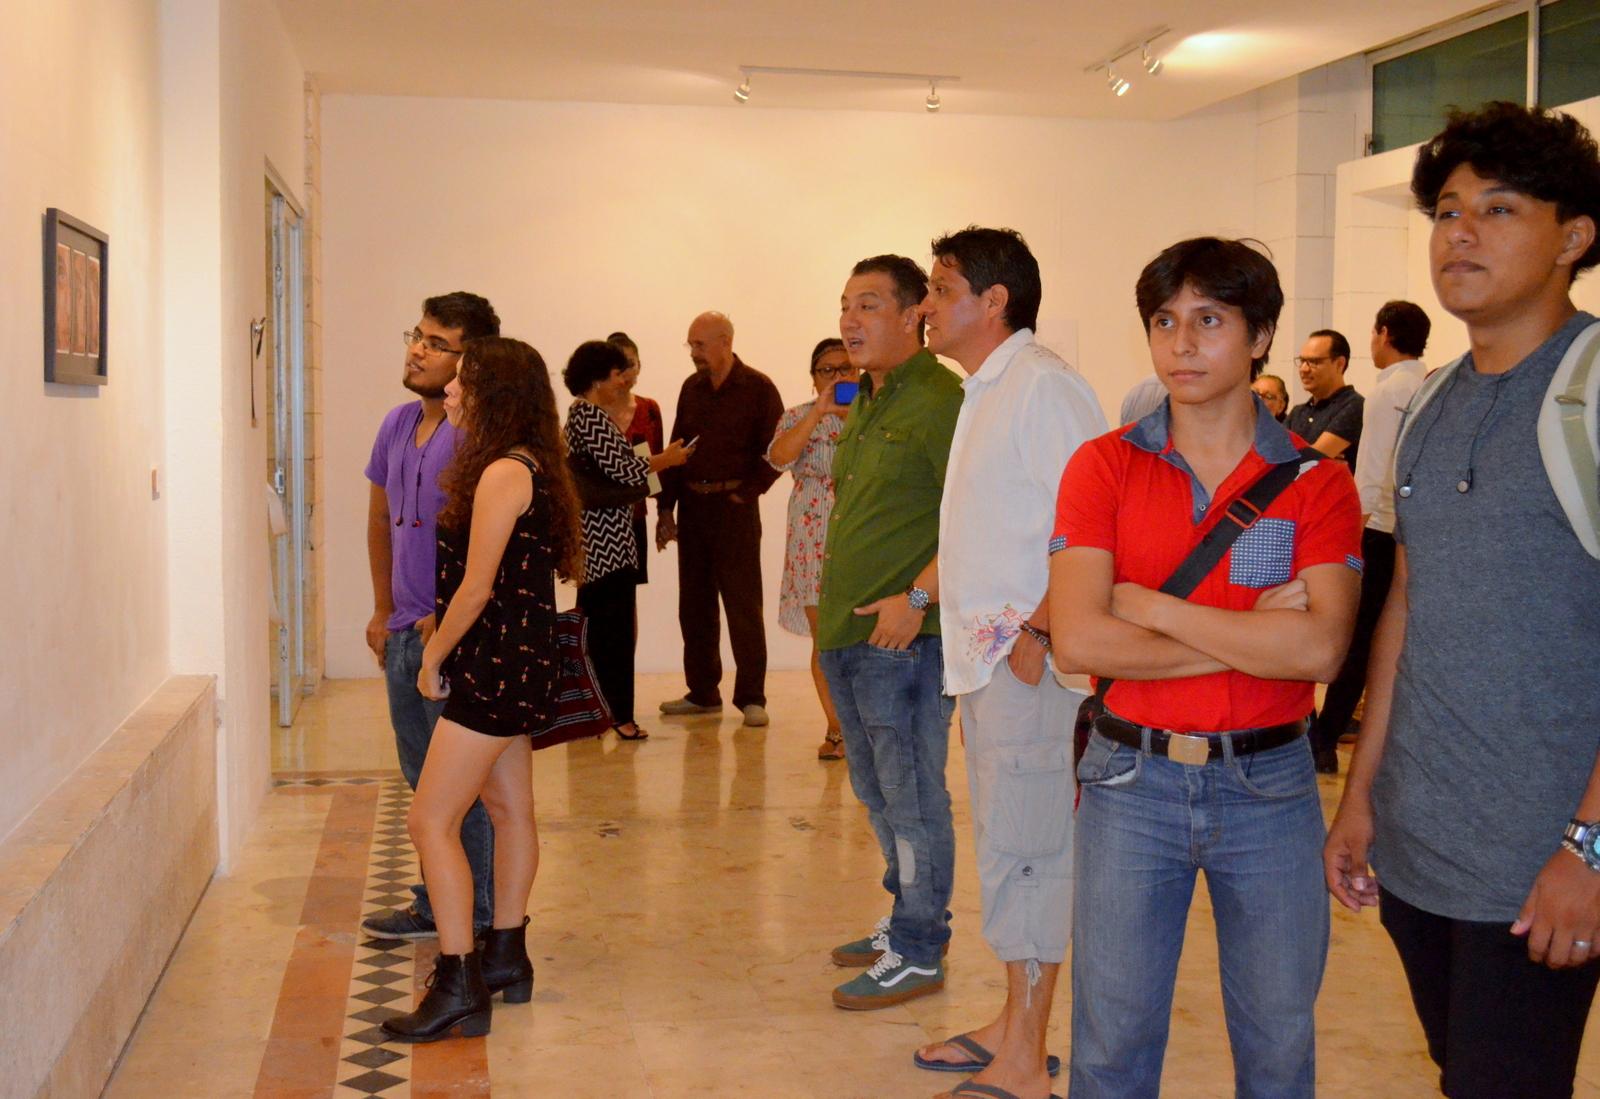 872ef556a44 Show! Archivos - Página 80 de 174 - Quintana Roo Hoy